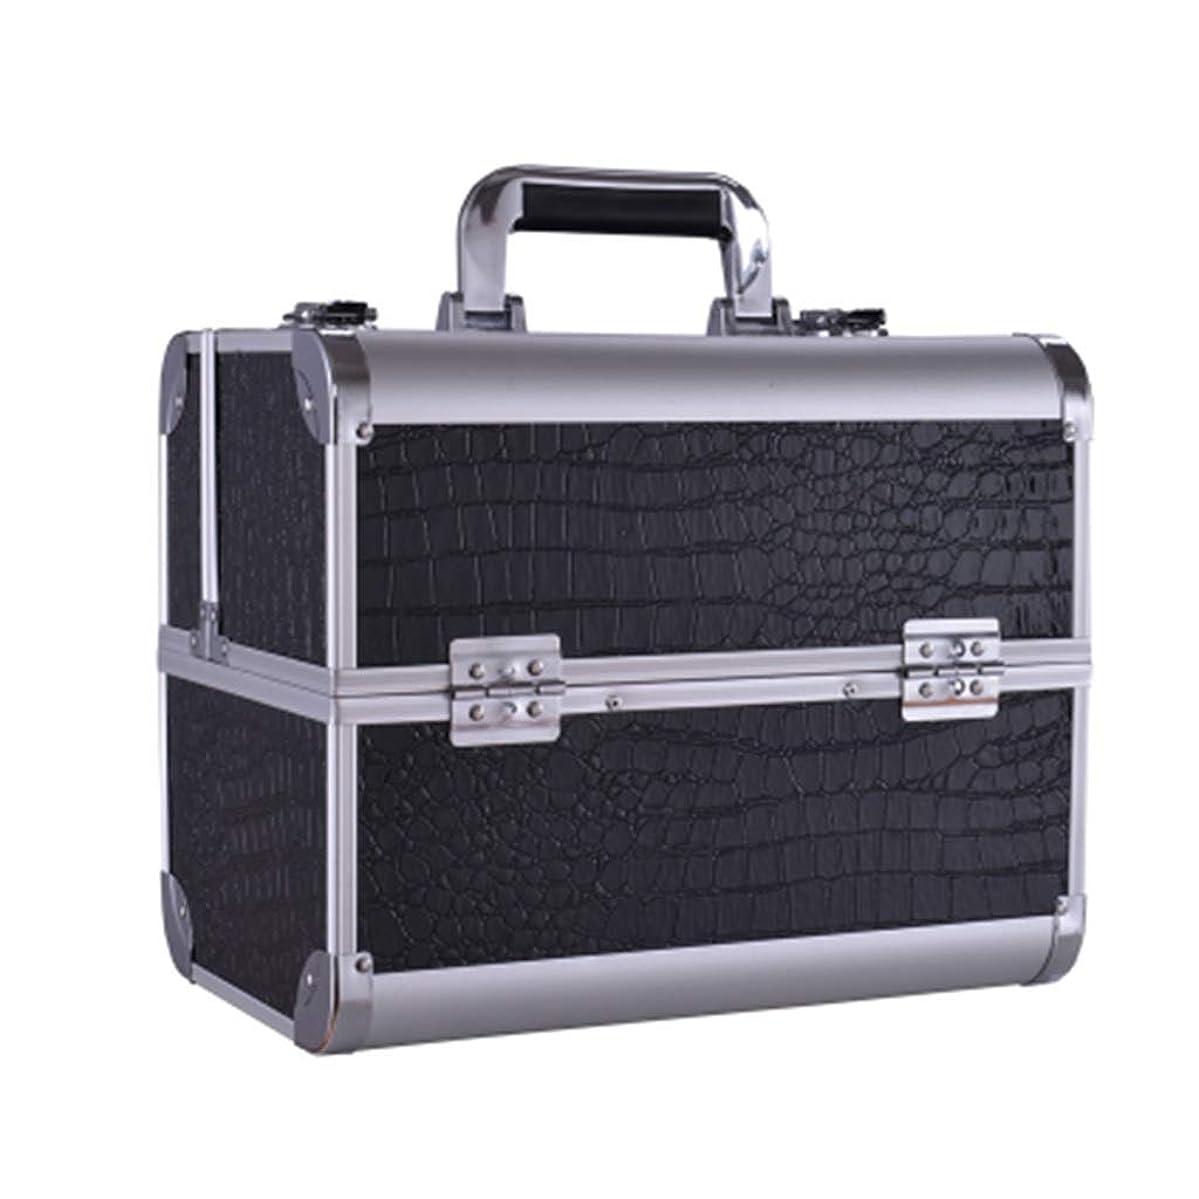 関係型ライド美容バッグ 大きい携帯用化粧箱の入れ墨の道具箱のきれいになること容易な専門の多層釘の収納箱/黒/ピンク HMMSP (Color : Black)